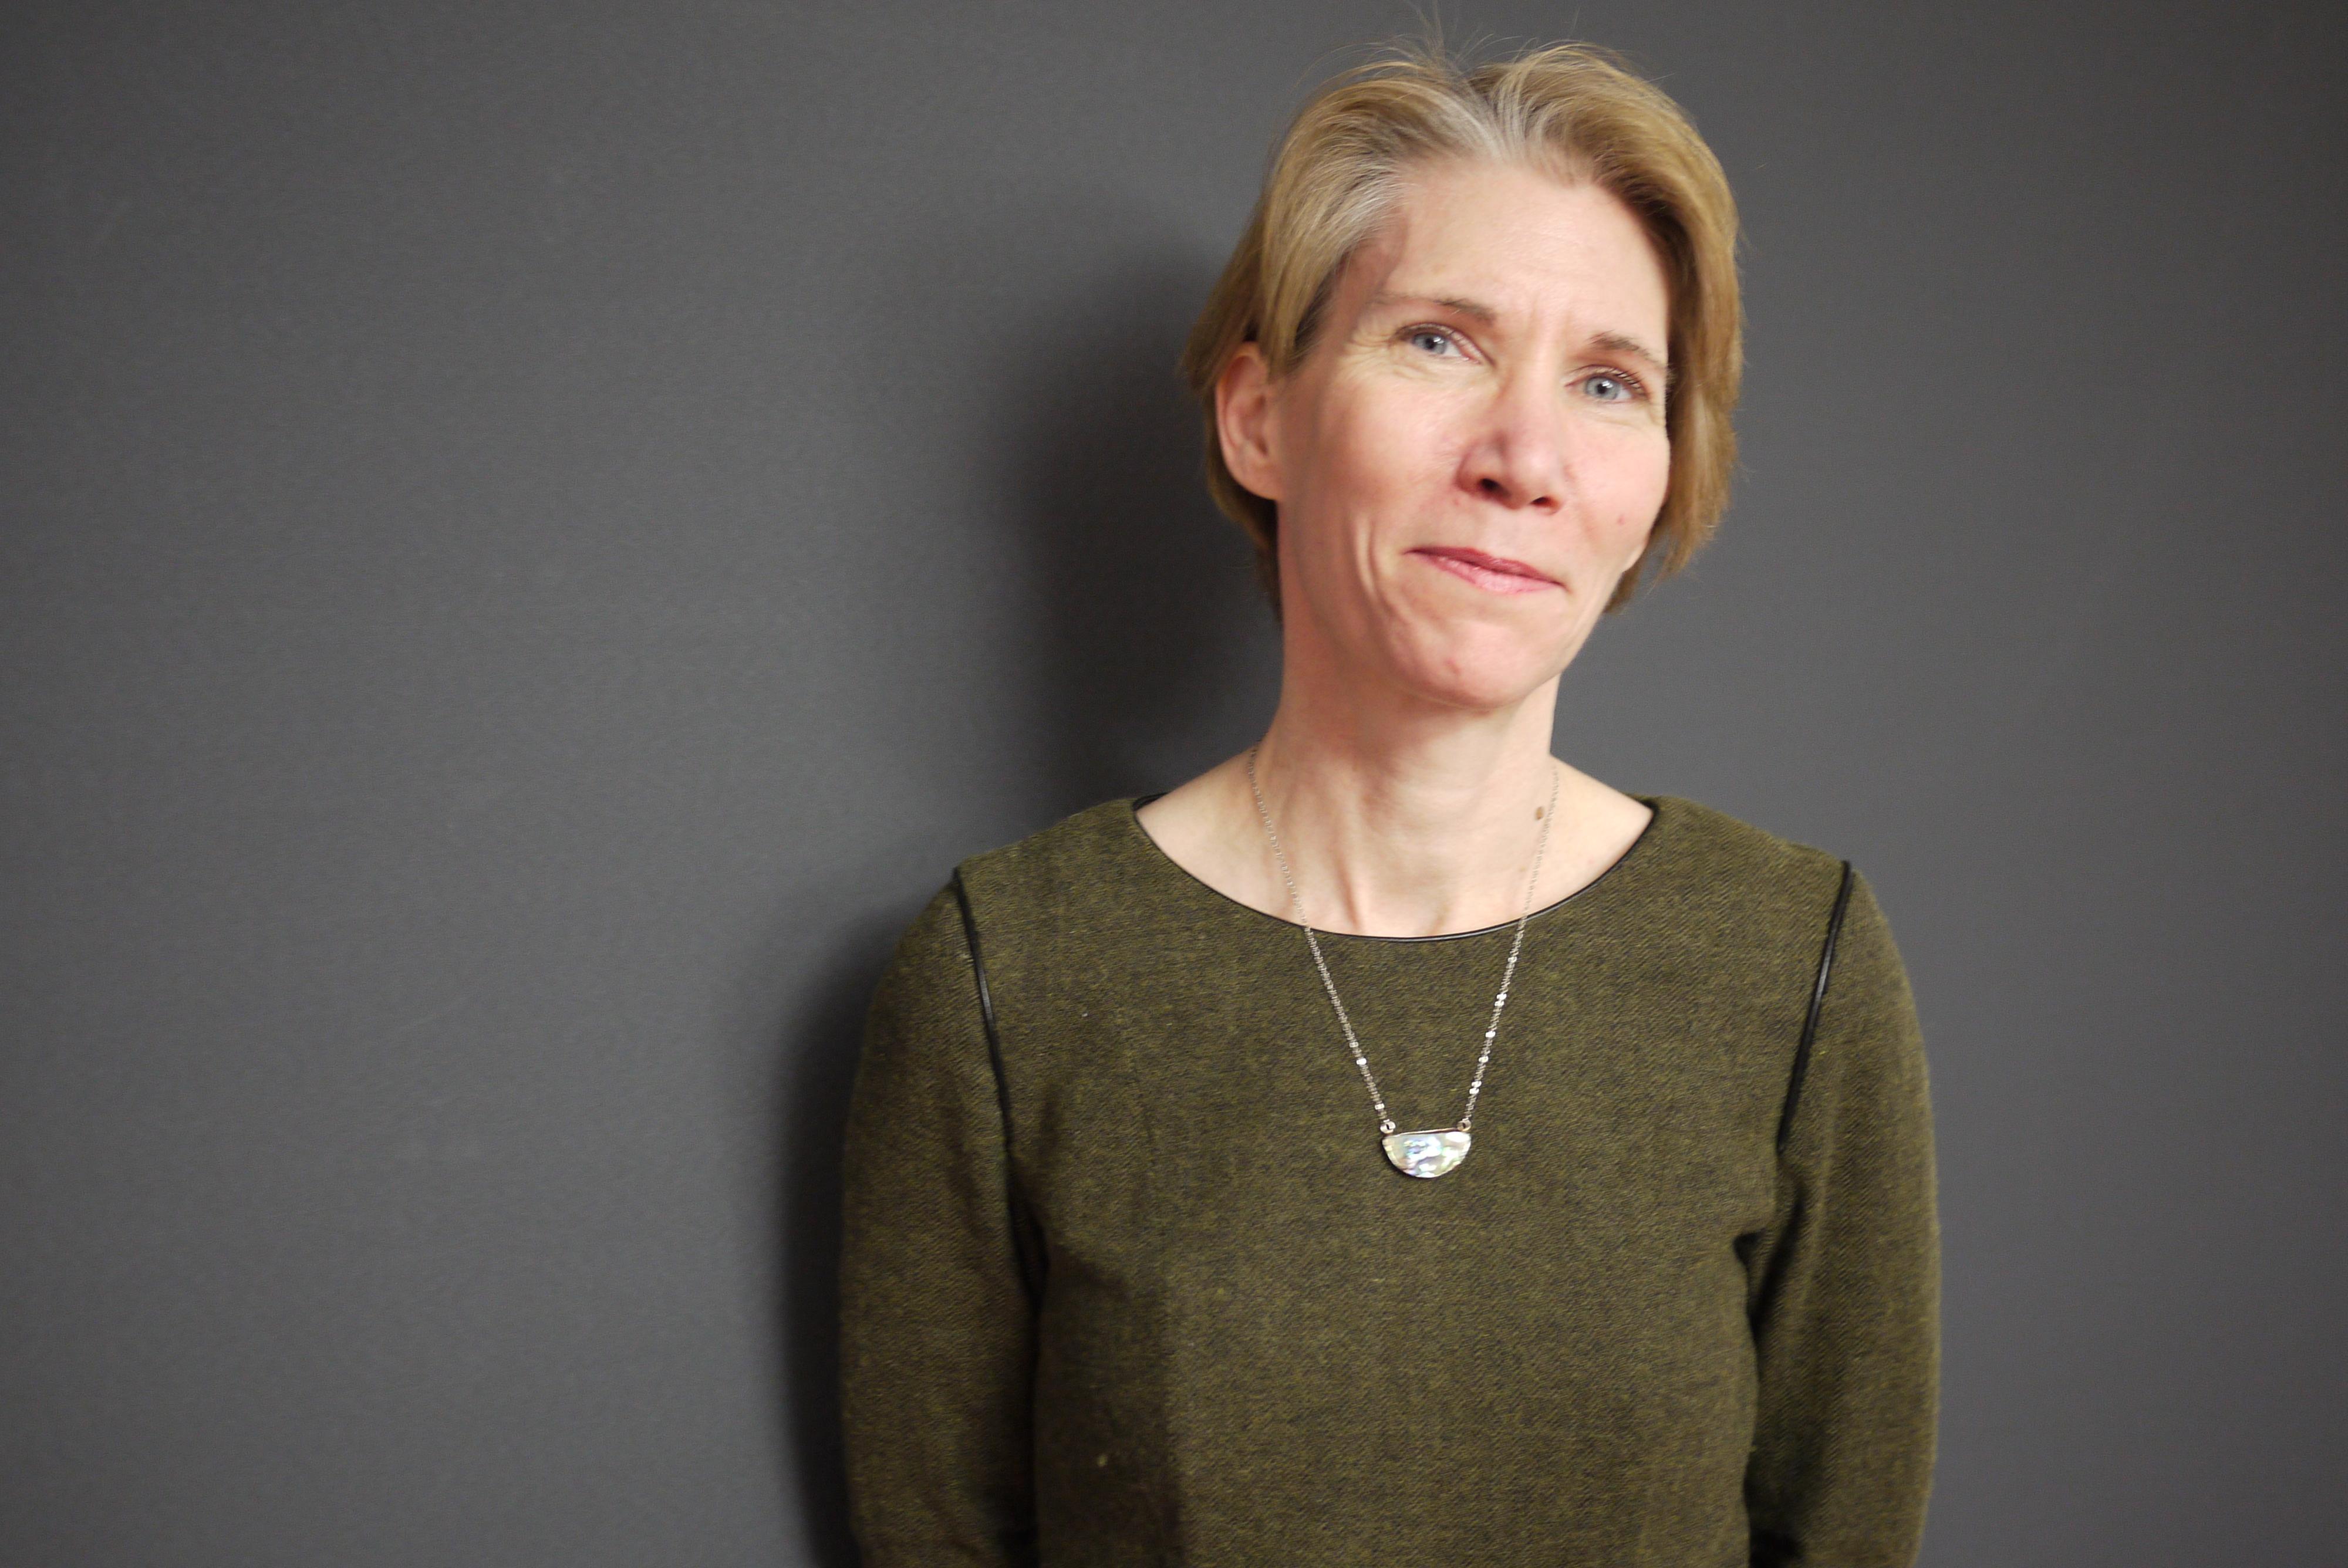 Blog - Alexandra Bolton gives an update to CDBB activities